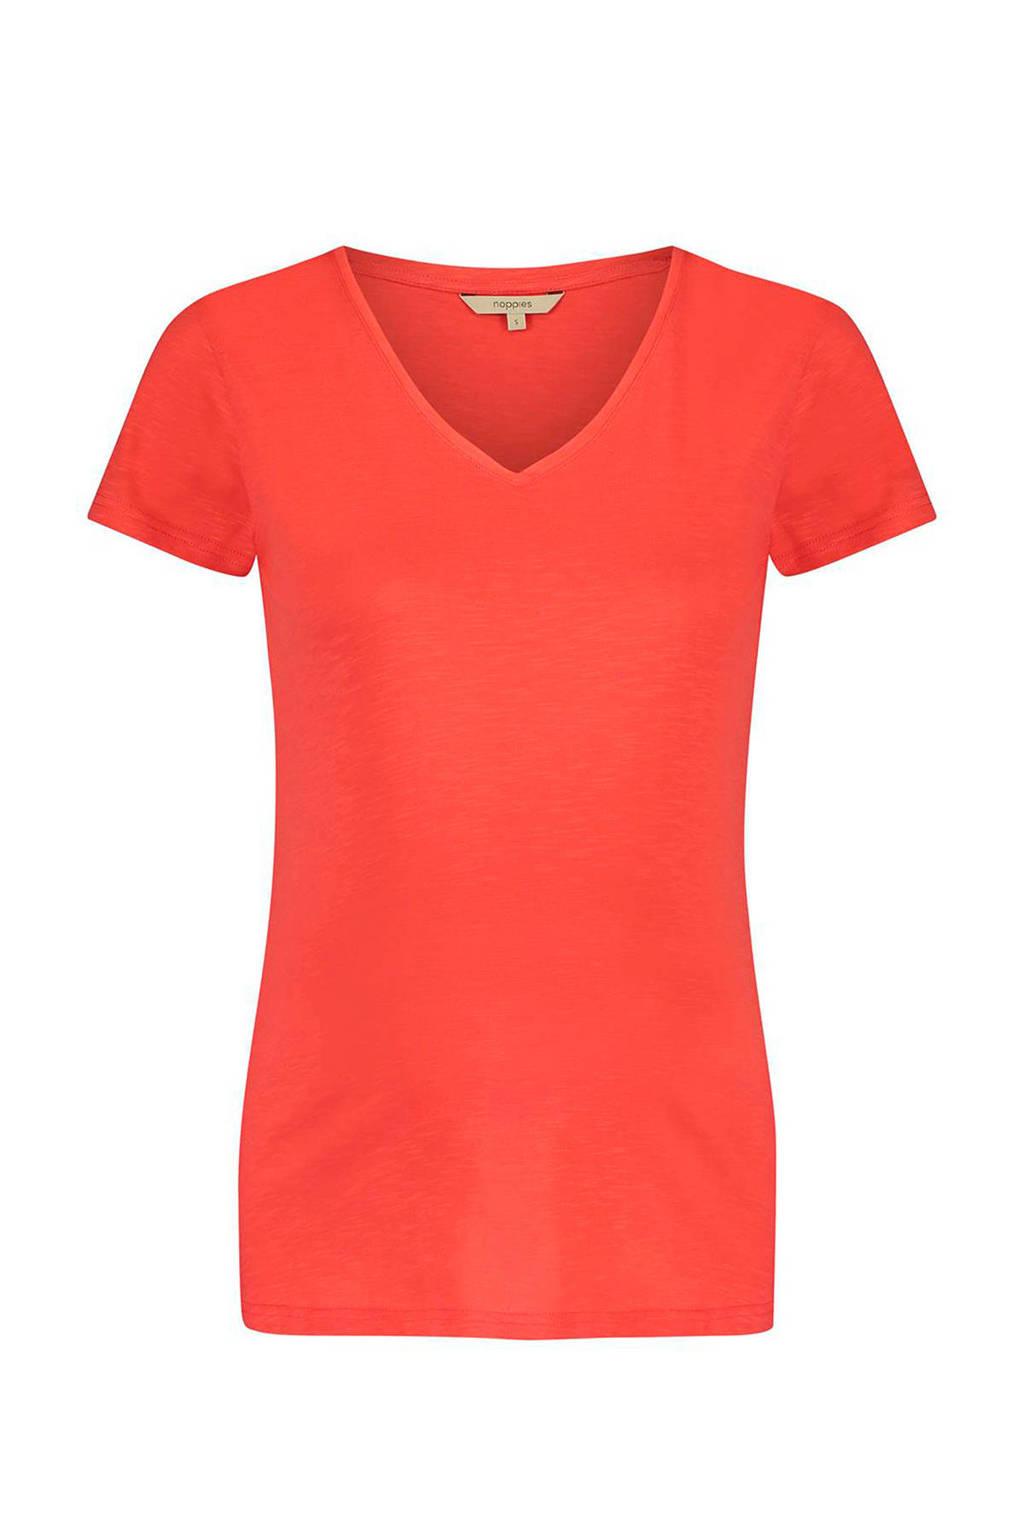 T V Noppieszwangerschap Orlean hals shirt Met BqgwBYdx4